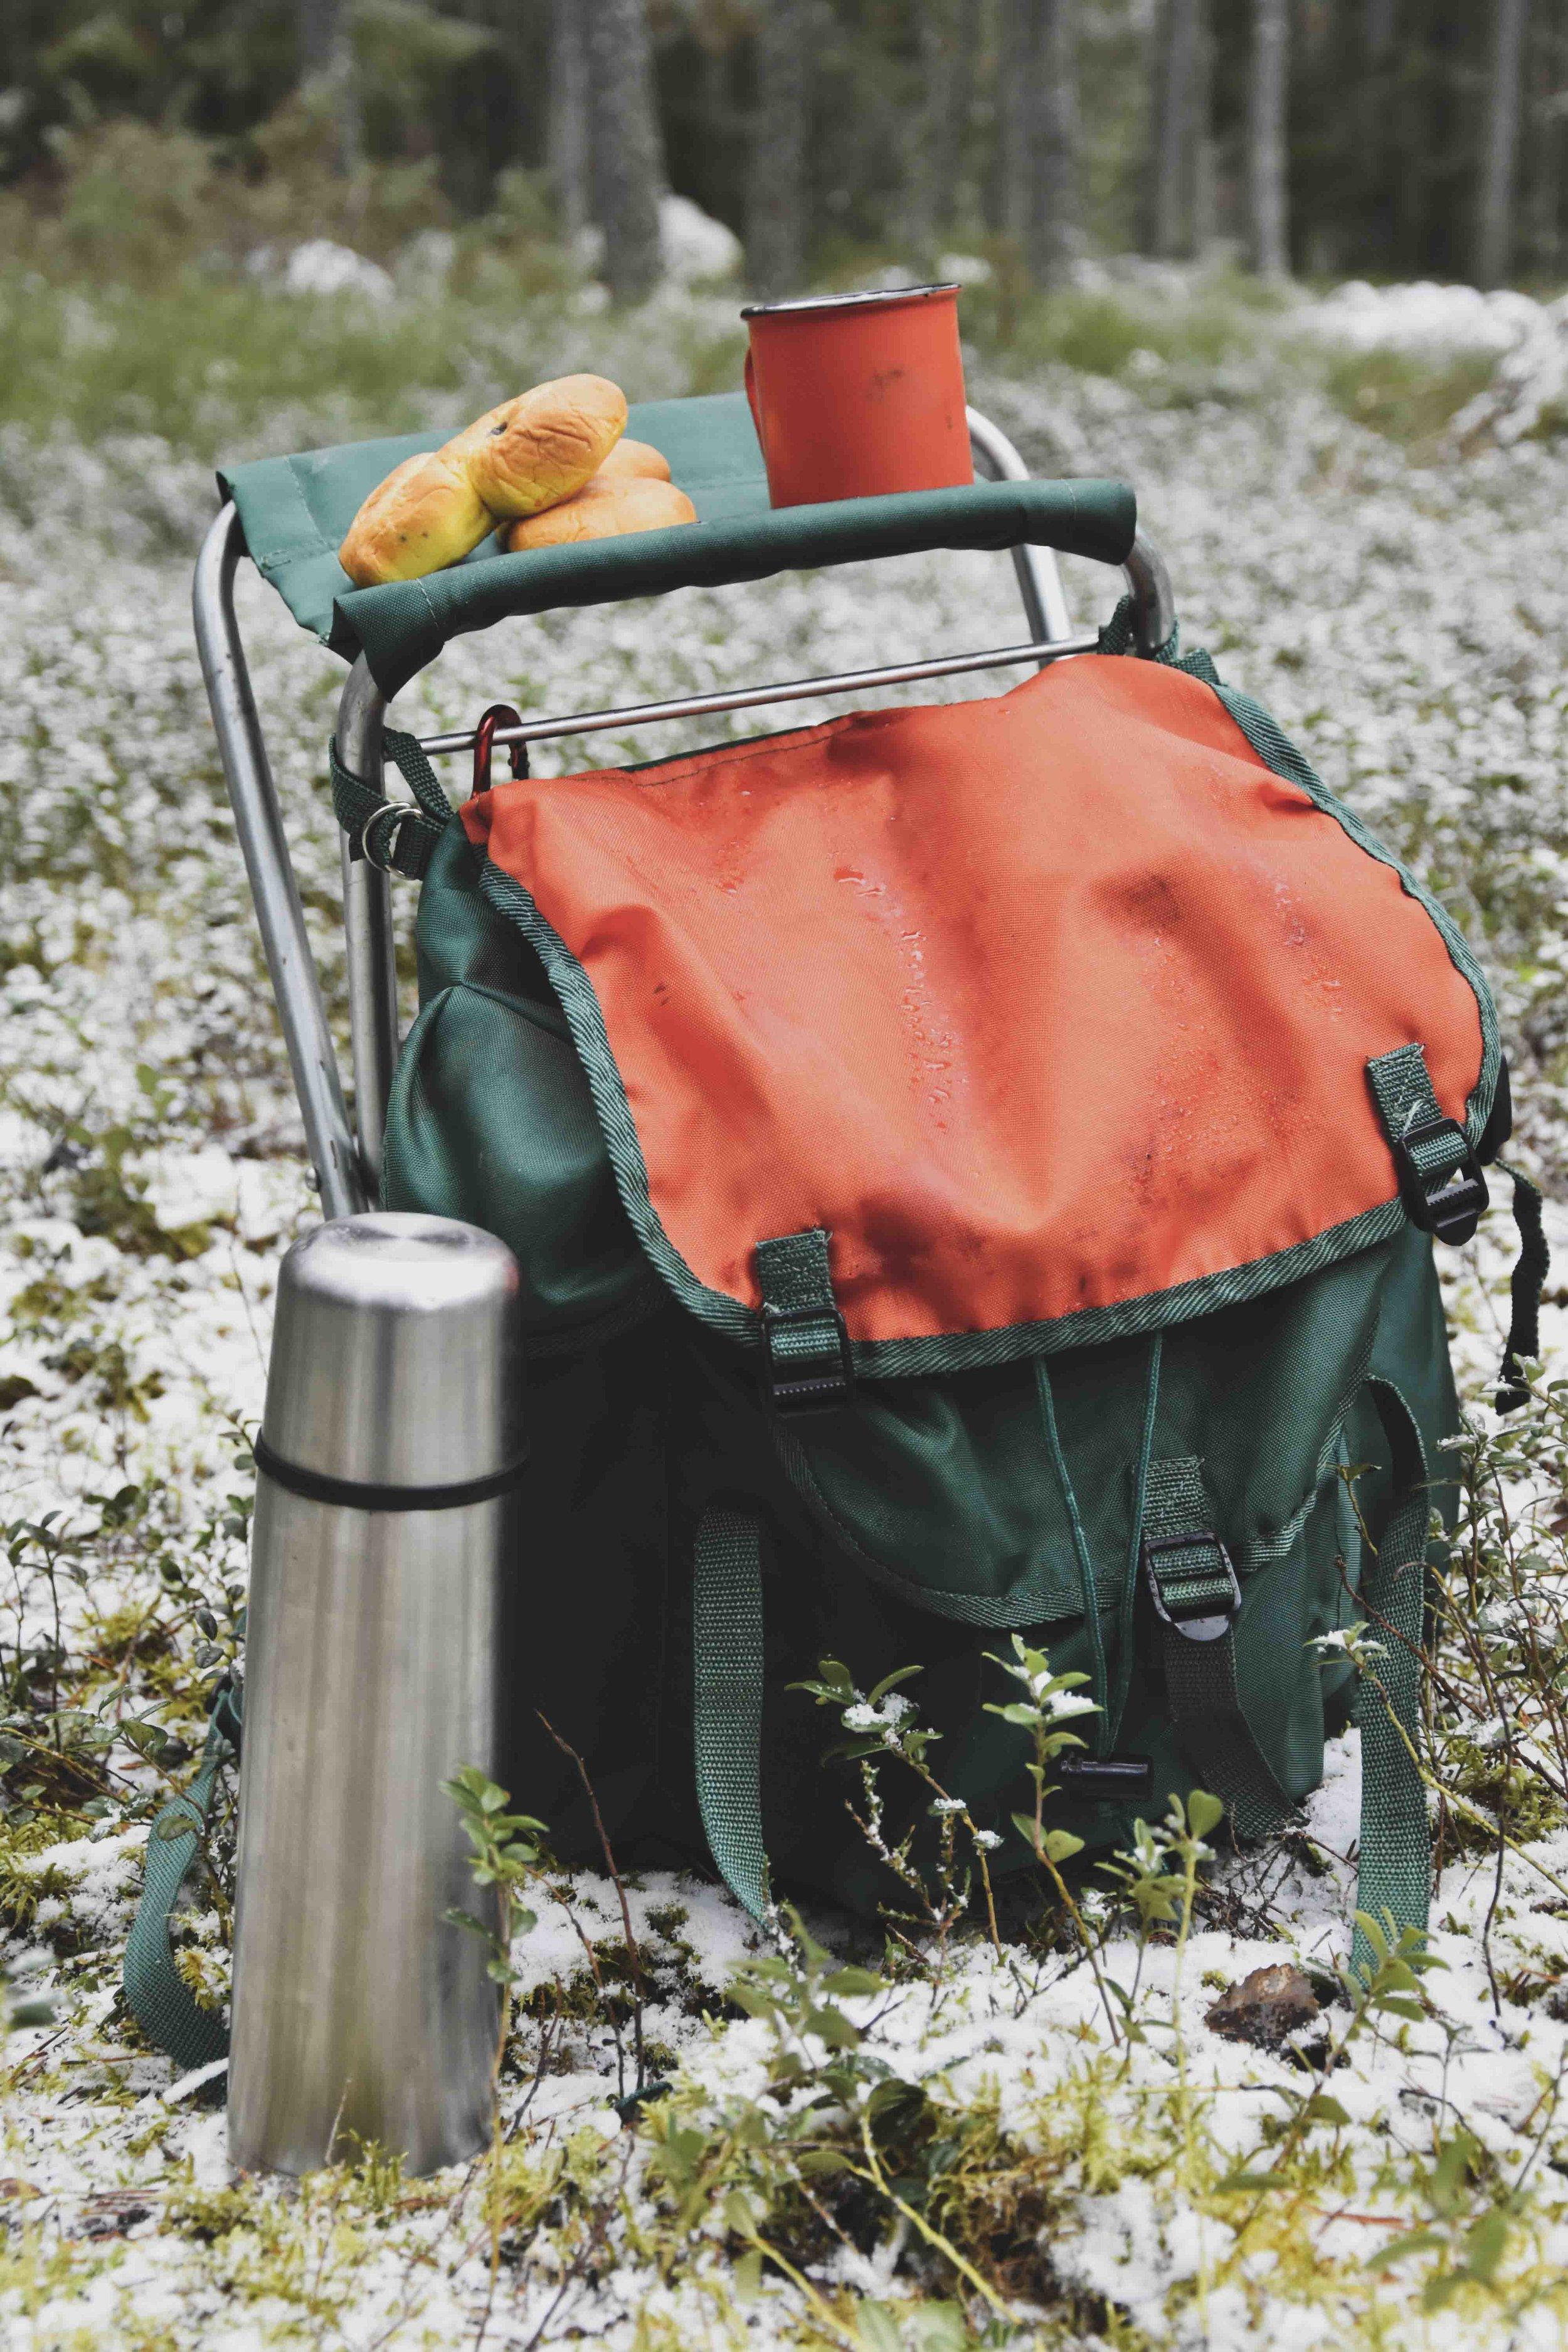 Ryggsäck packad för fika utomhus